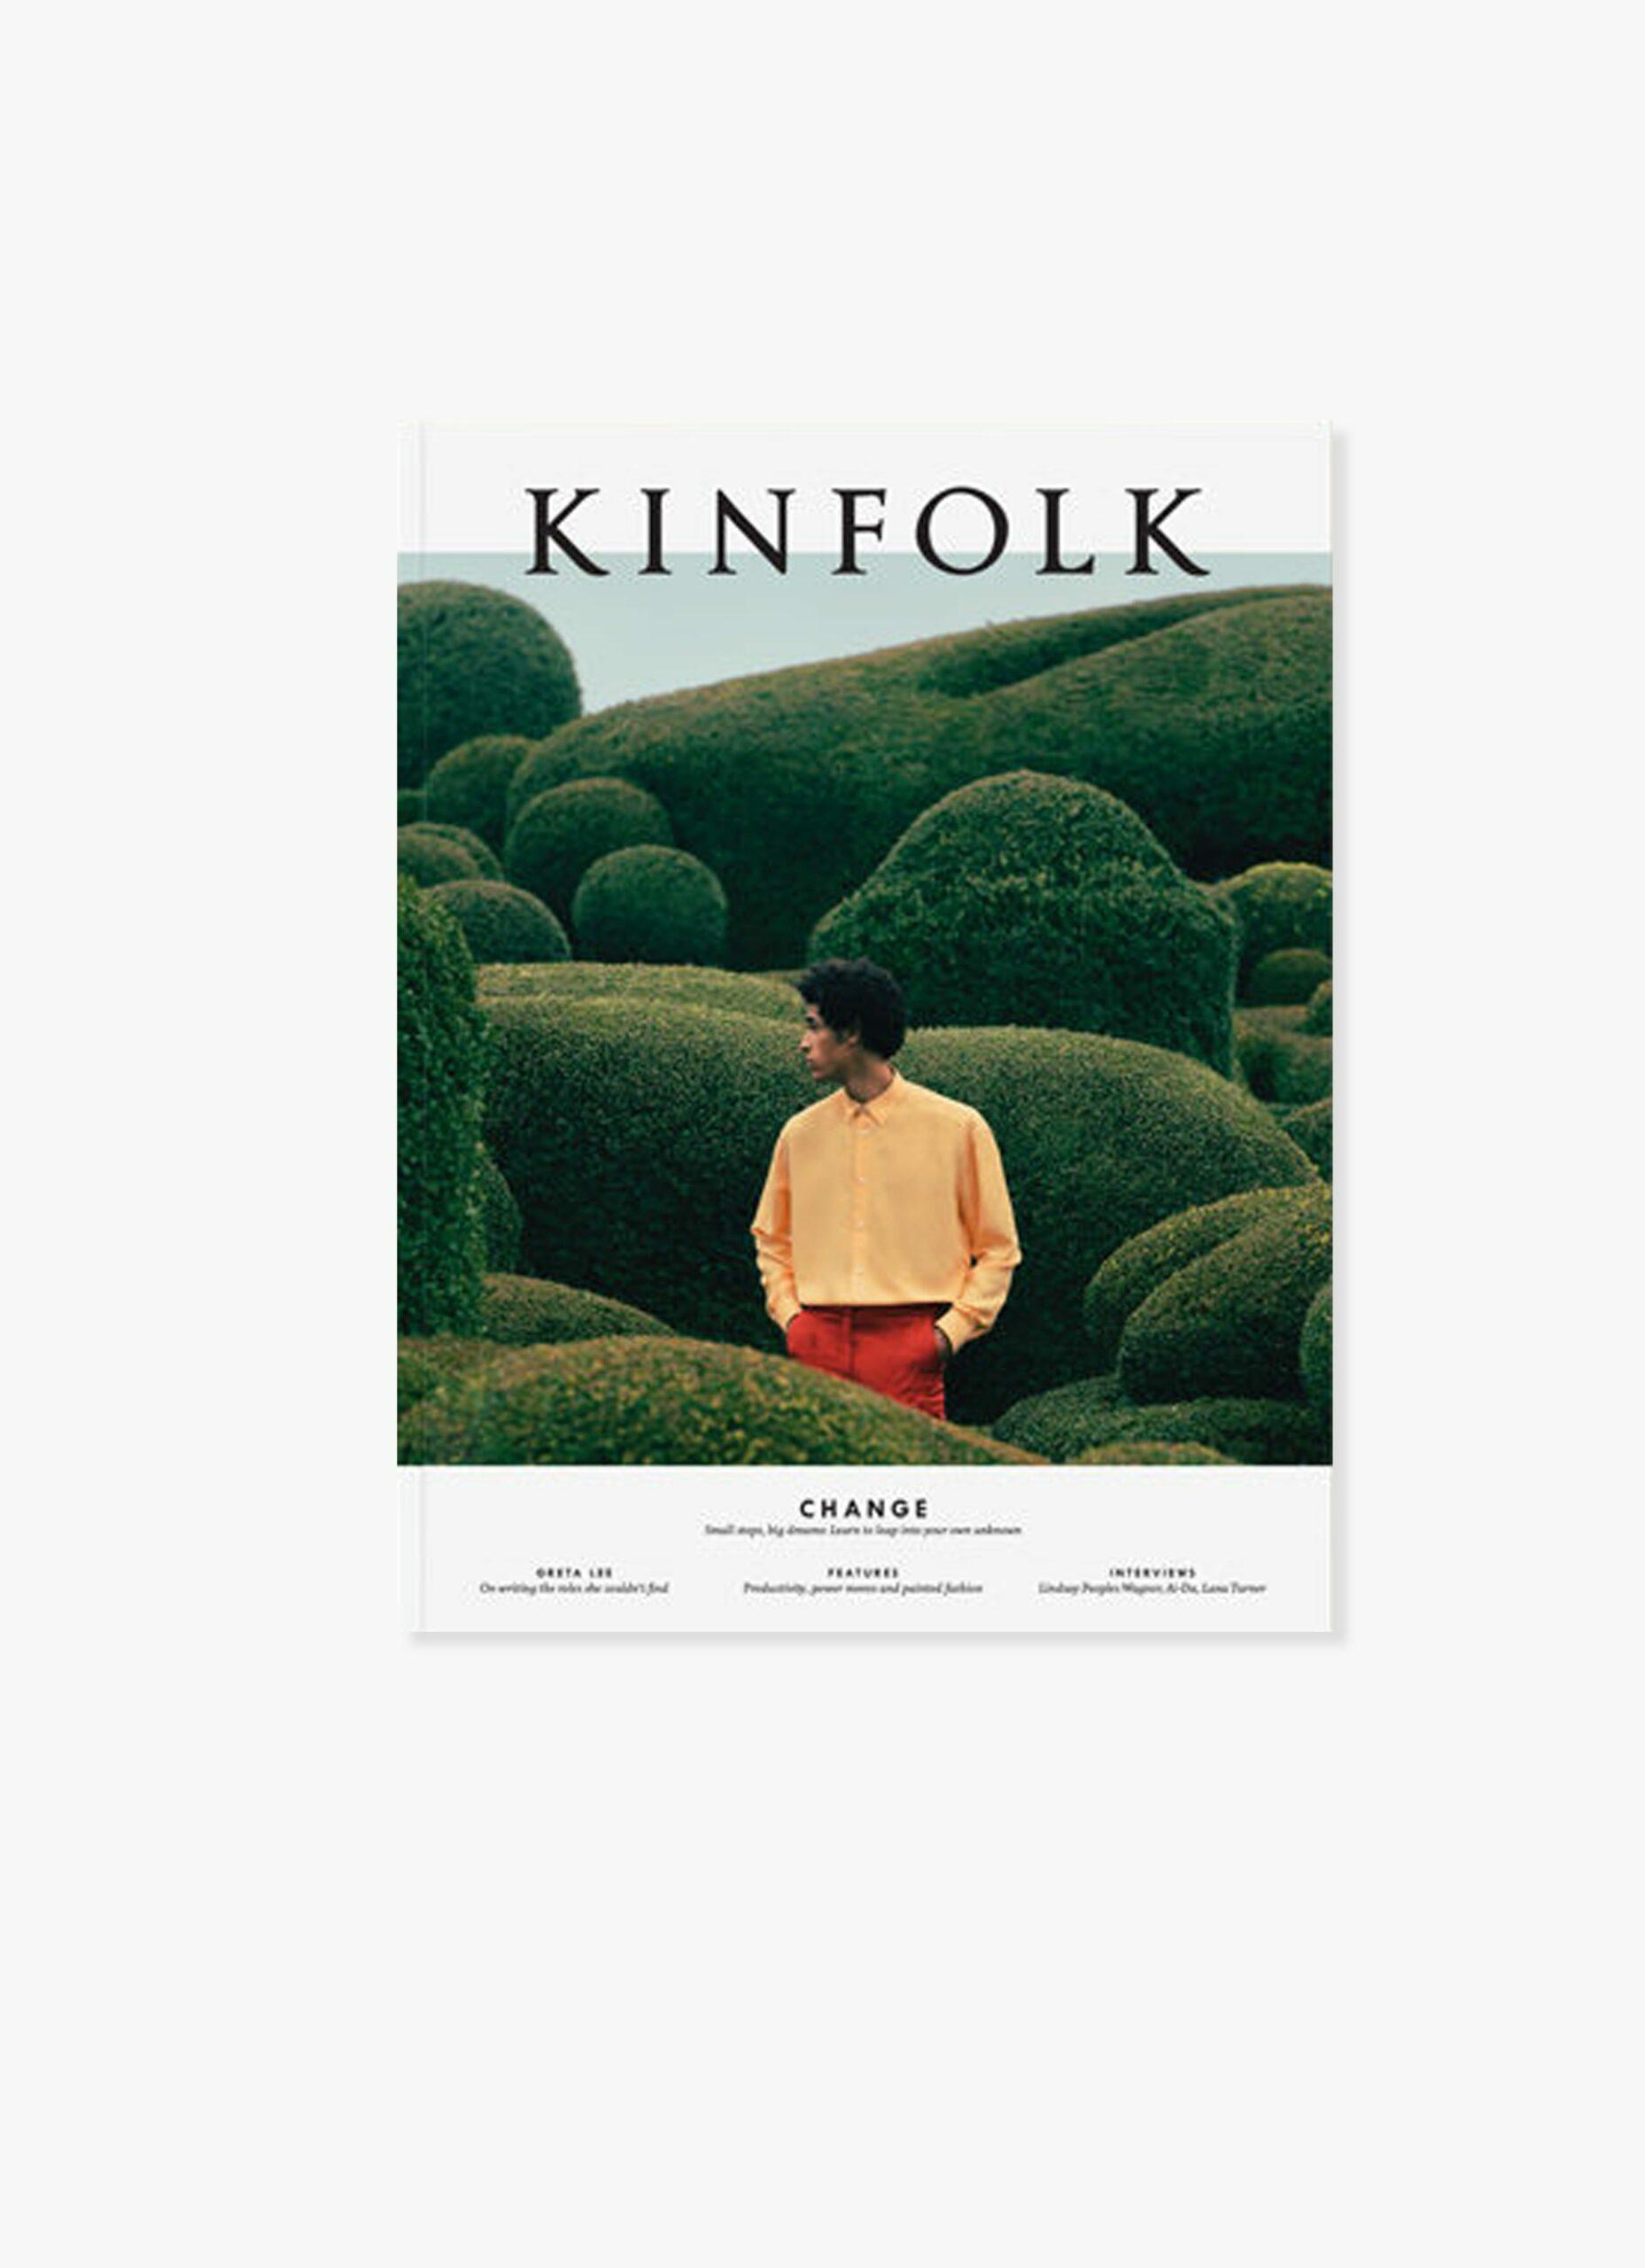 Kinfolk Magazine Issue 35 - Change Special